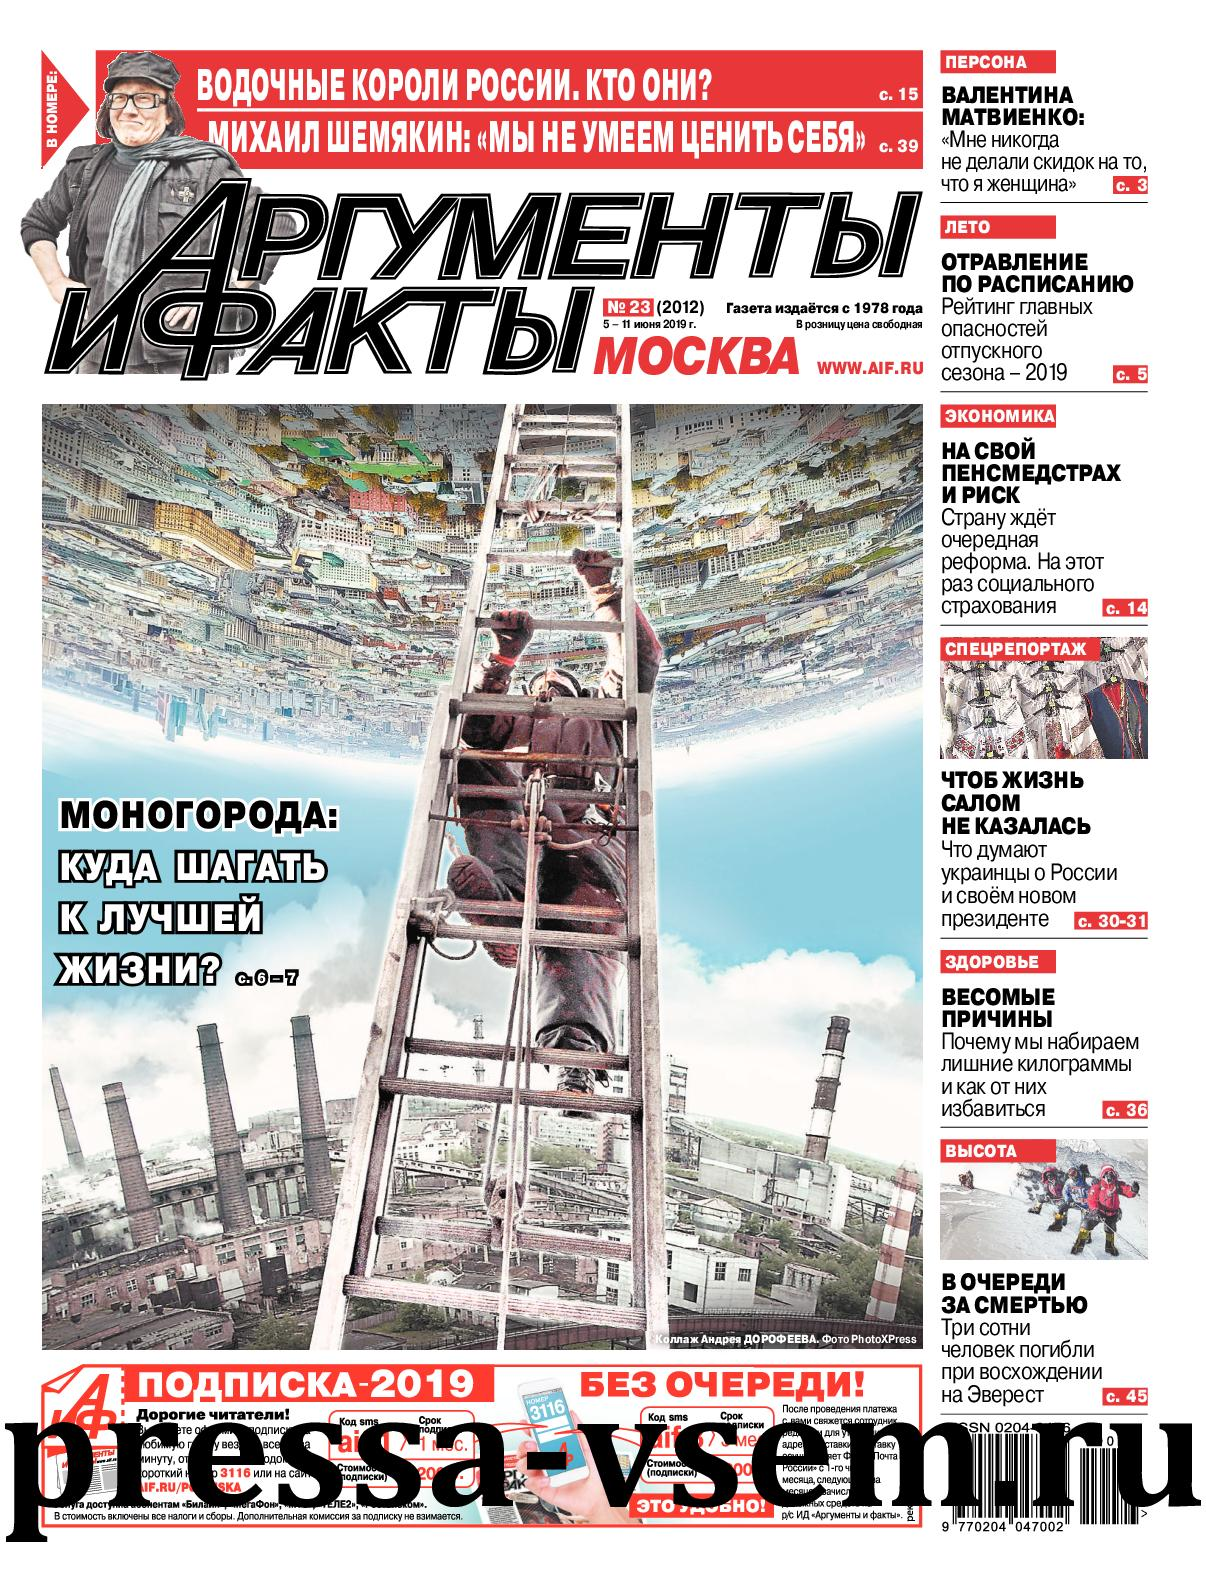 дядя ваня решил взять кредит 100 тыс рублей в банке на год под 13 годовых банк информатика что означает процентная ставка по кредиту